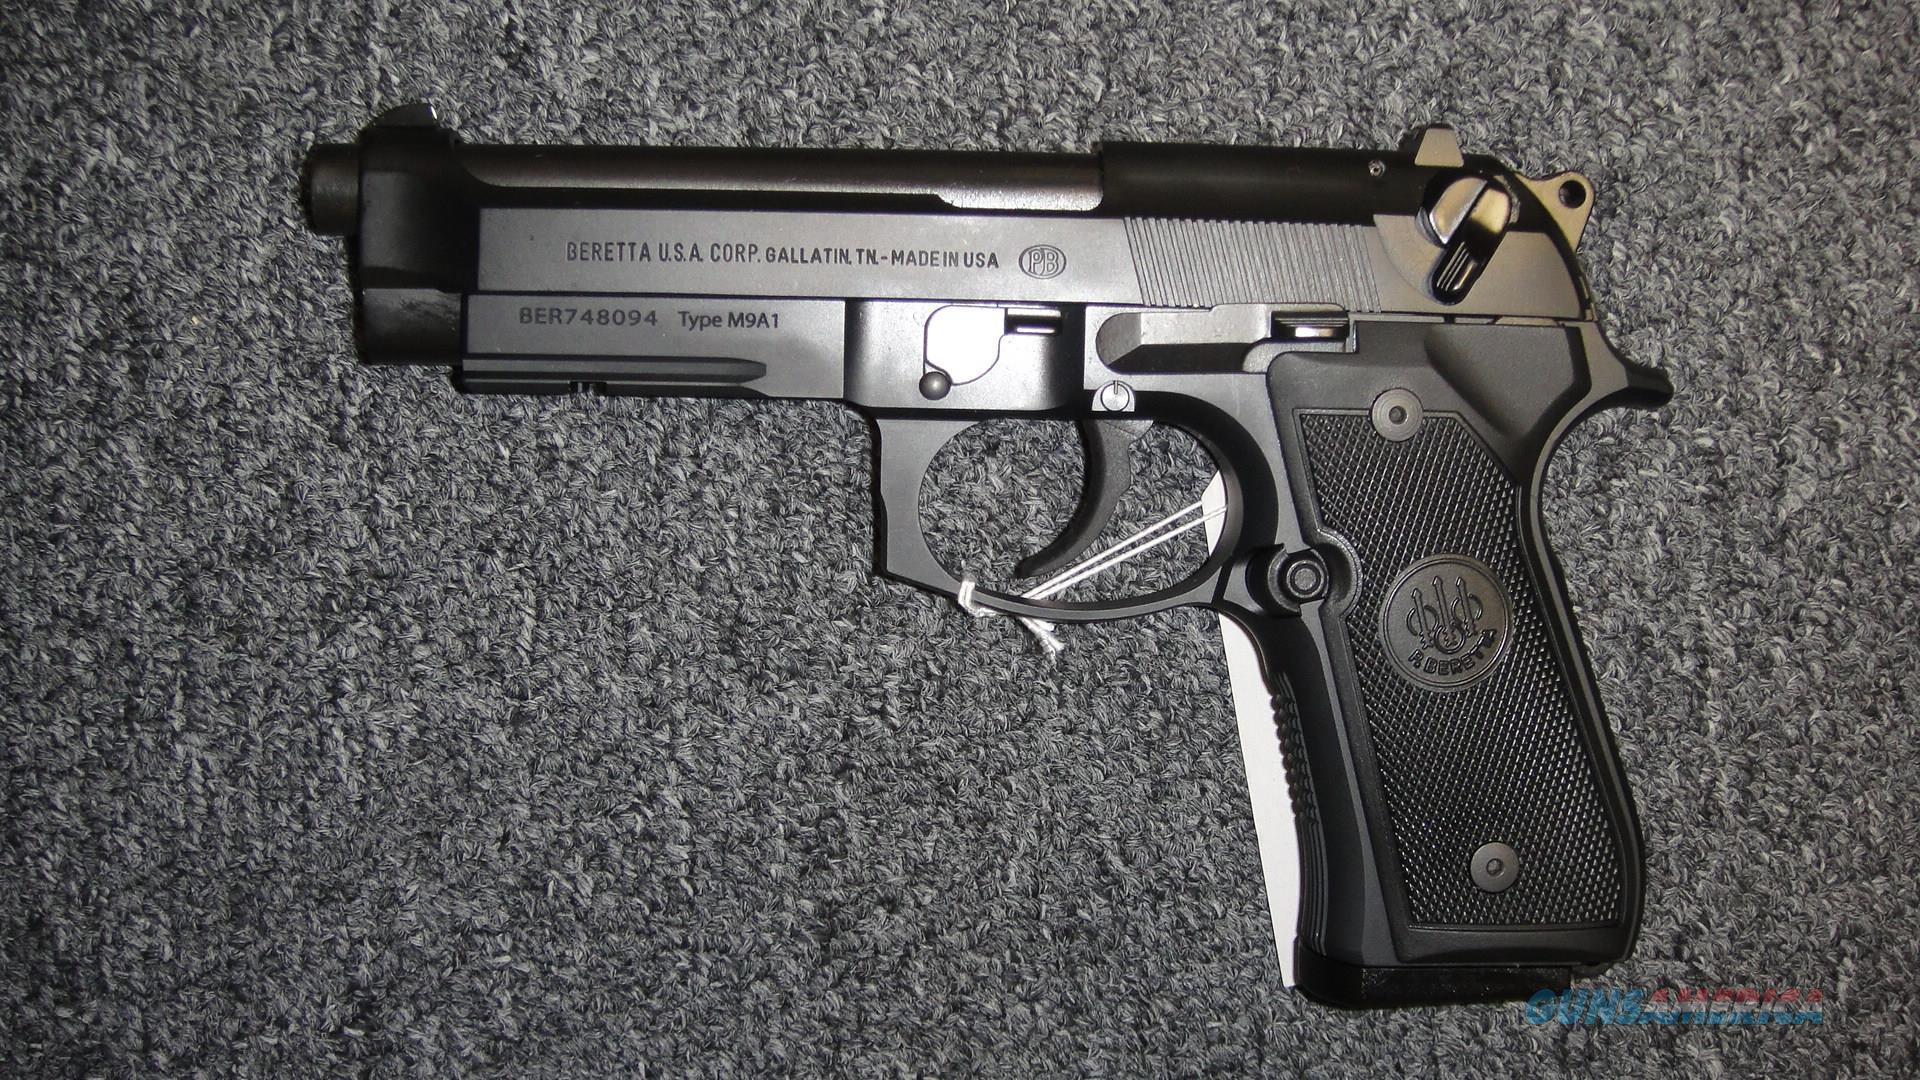 Beretta 92FS M9A1  Guns > Pistols > Beretta Pistols > M9